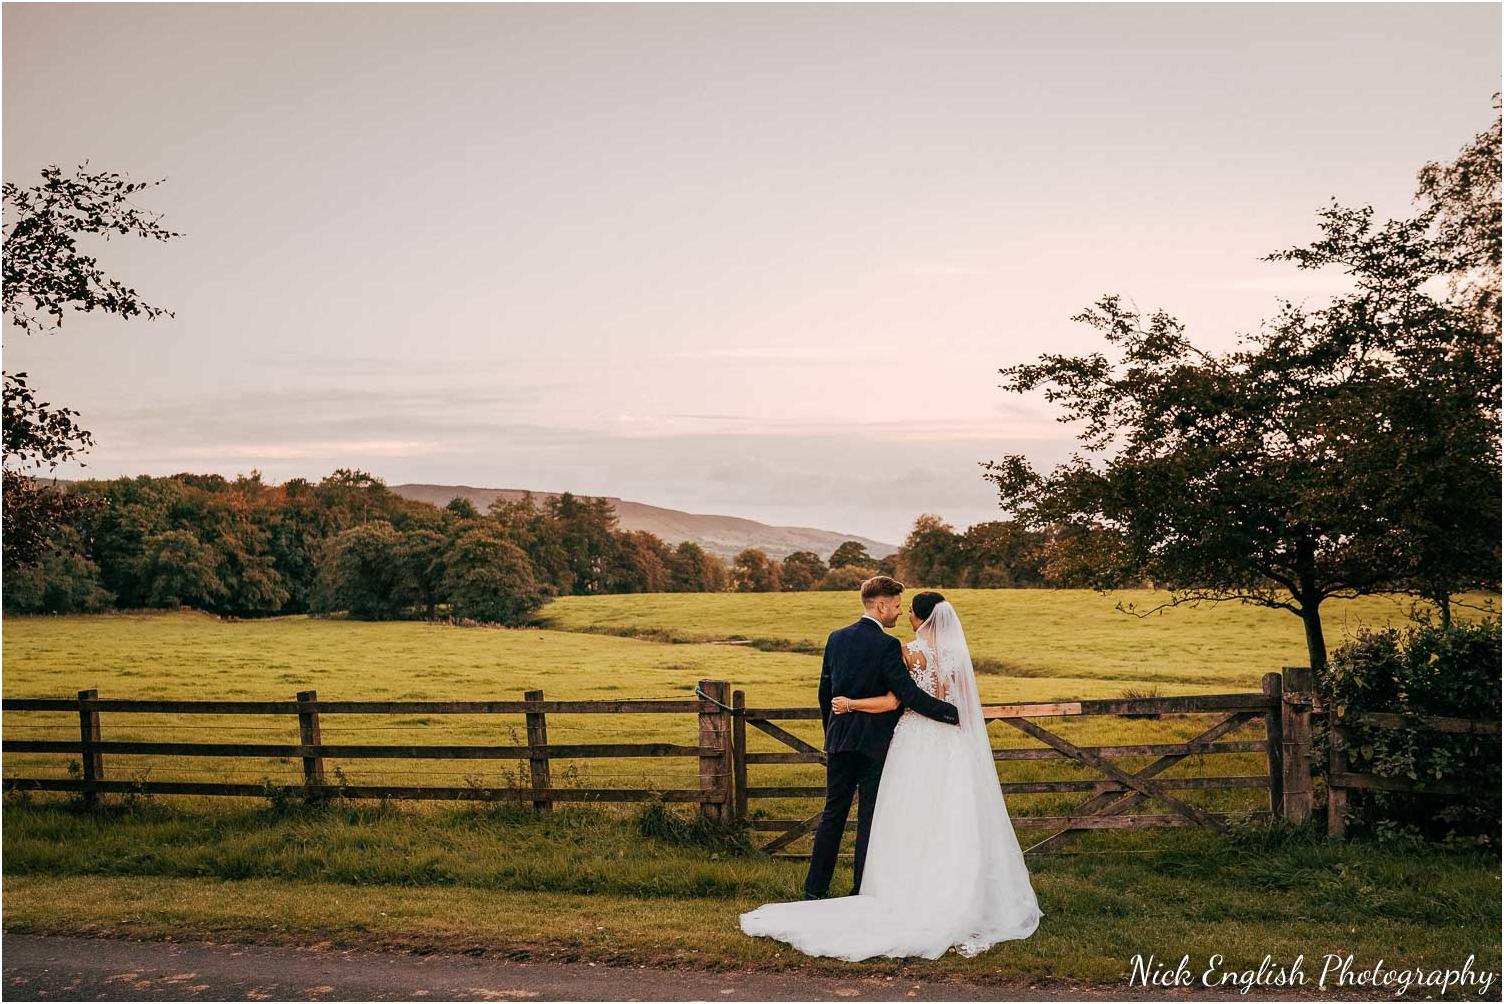 Browsholme_Hall_Barn_Wedding_Nick_English_Photography-186.jpg